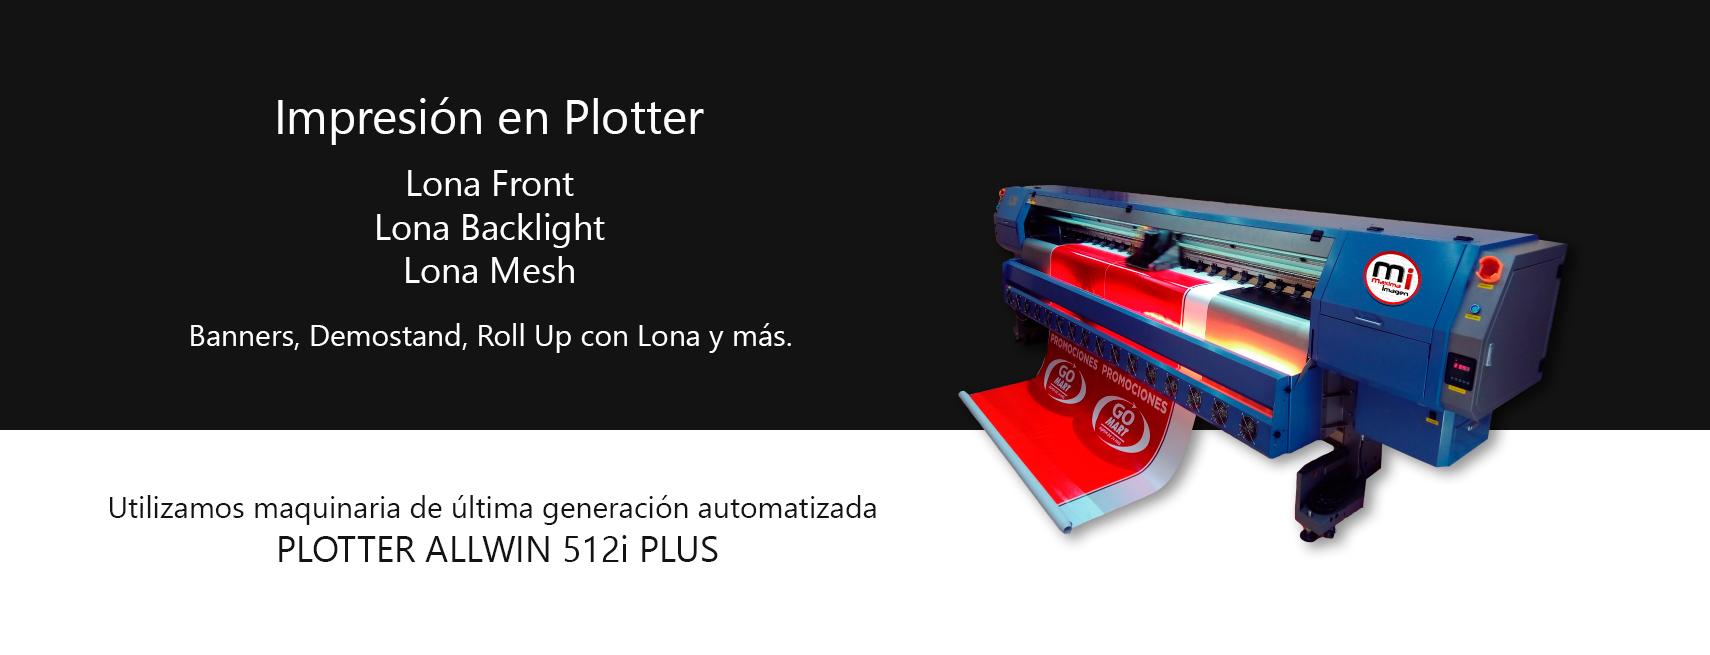 Impresión en Plotter